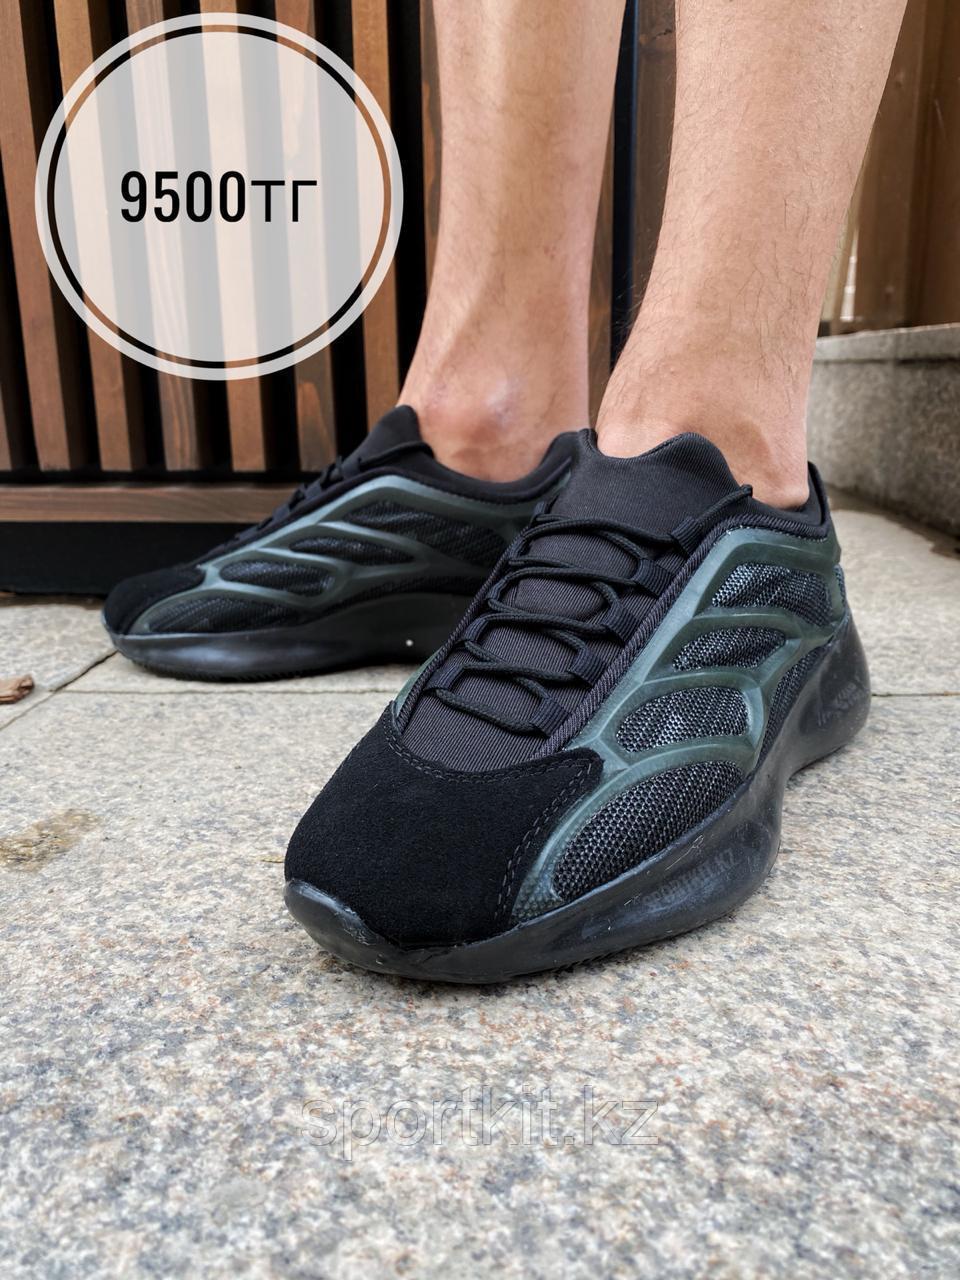 Кроссовки Adidas Yeezy 700 V3 subs 972-2 черн - фото 6